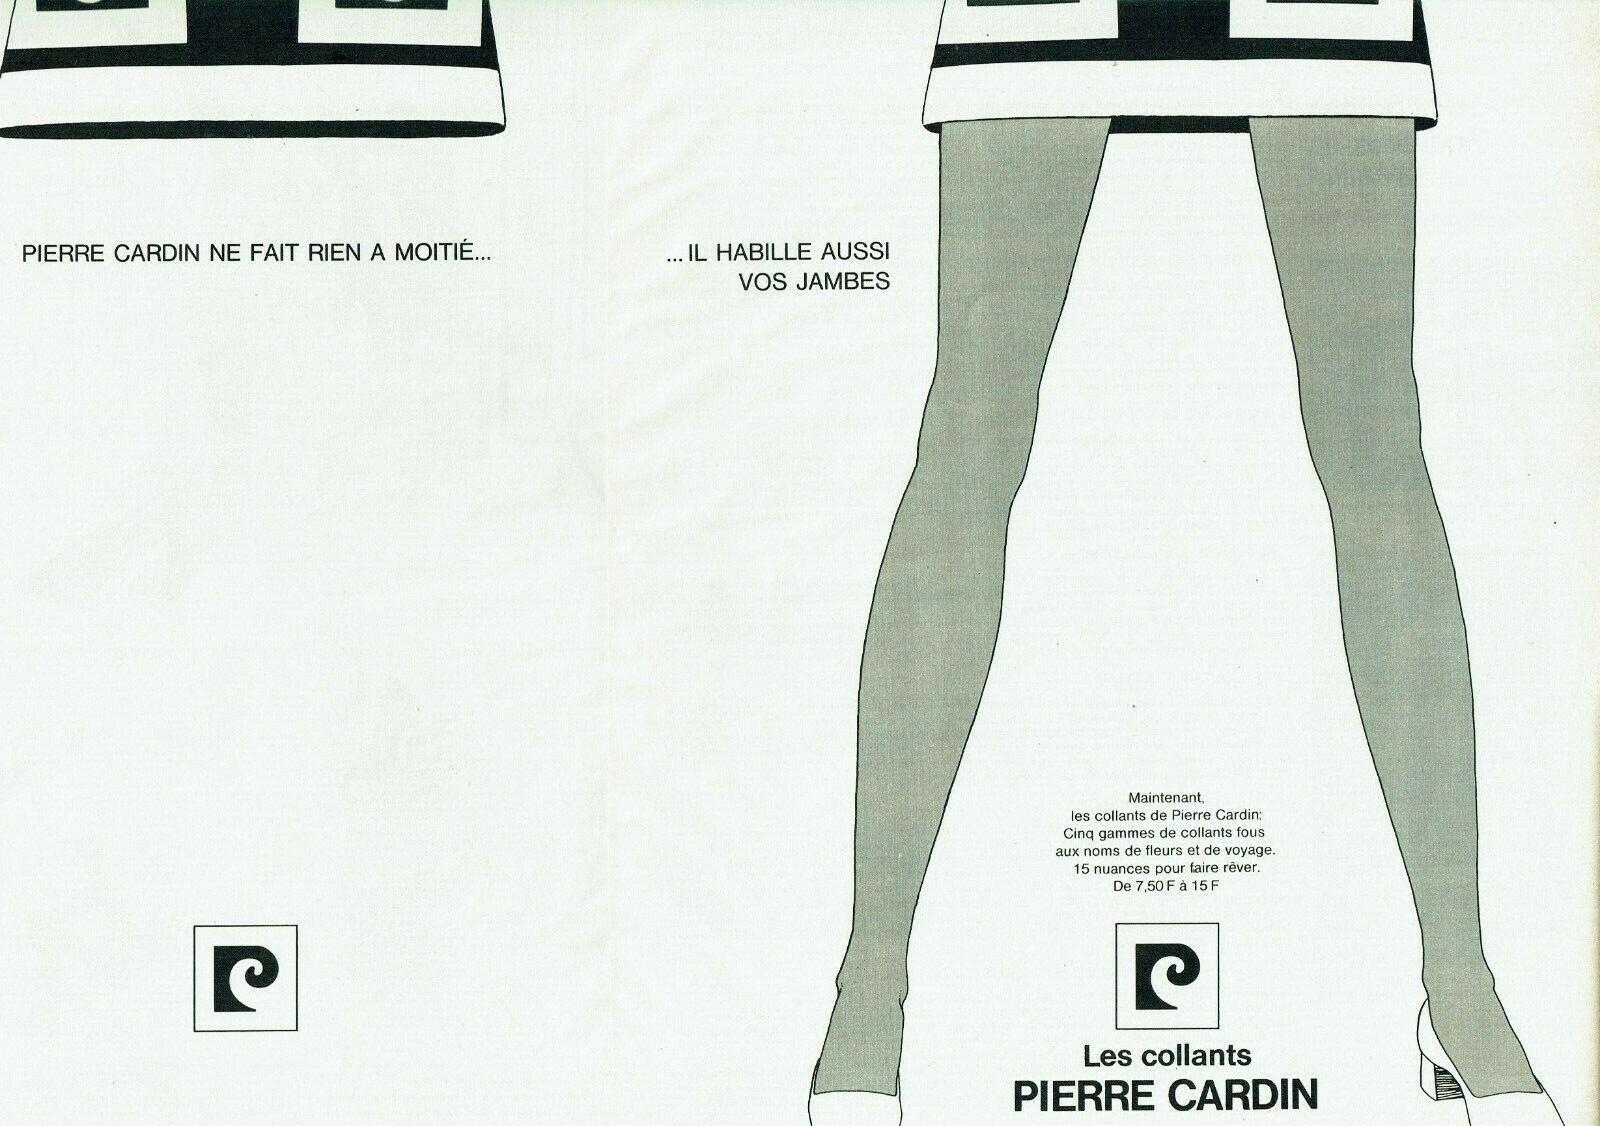 1969 collants Pierre Cardin